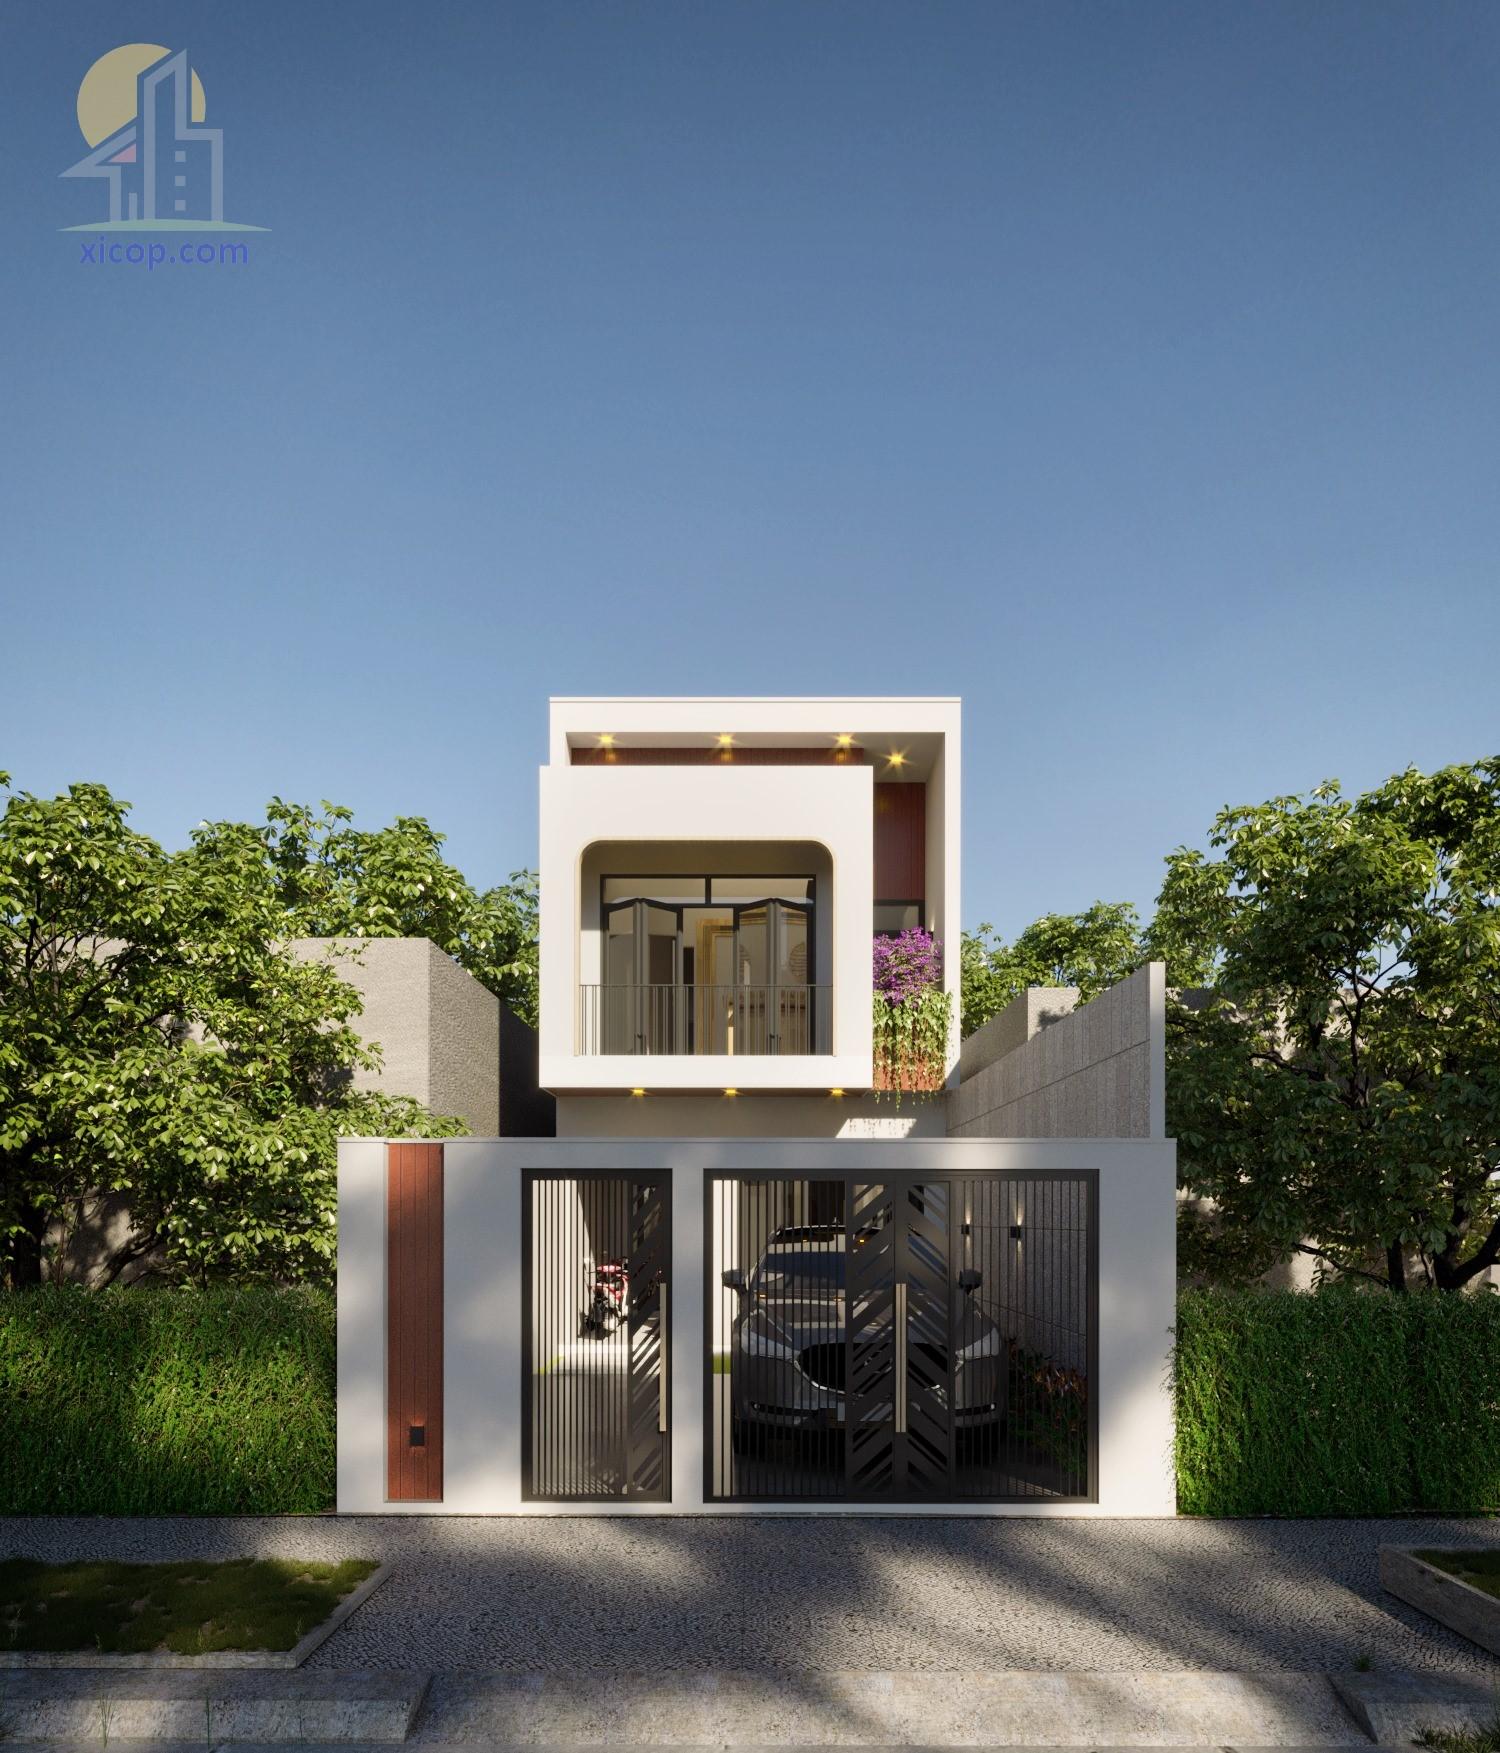 Mẫu nhà 2 tầng mái bằng đơn giản mà đẹp hiện đại